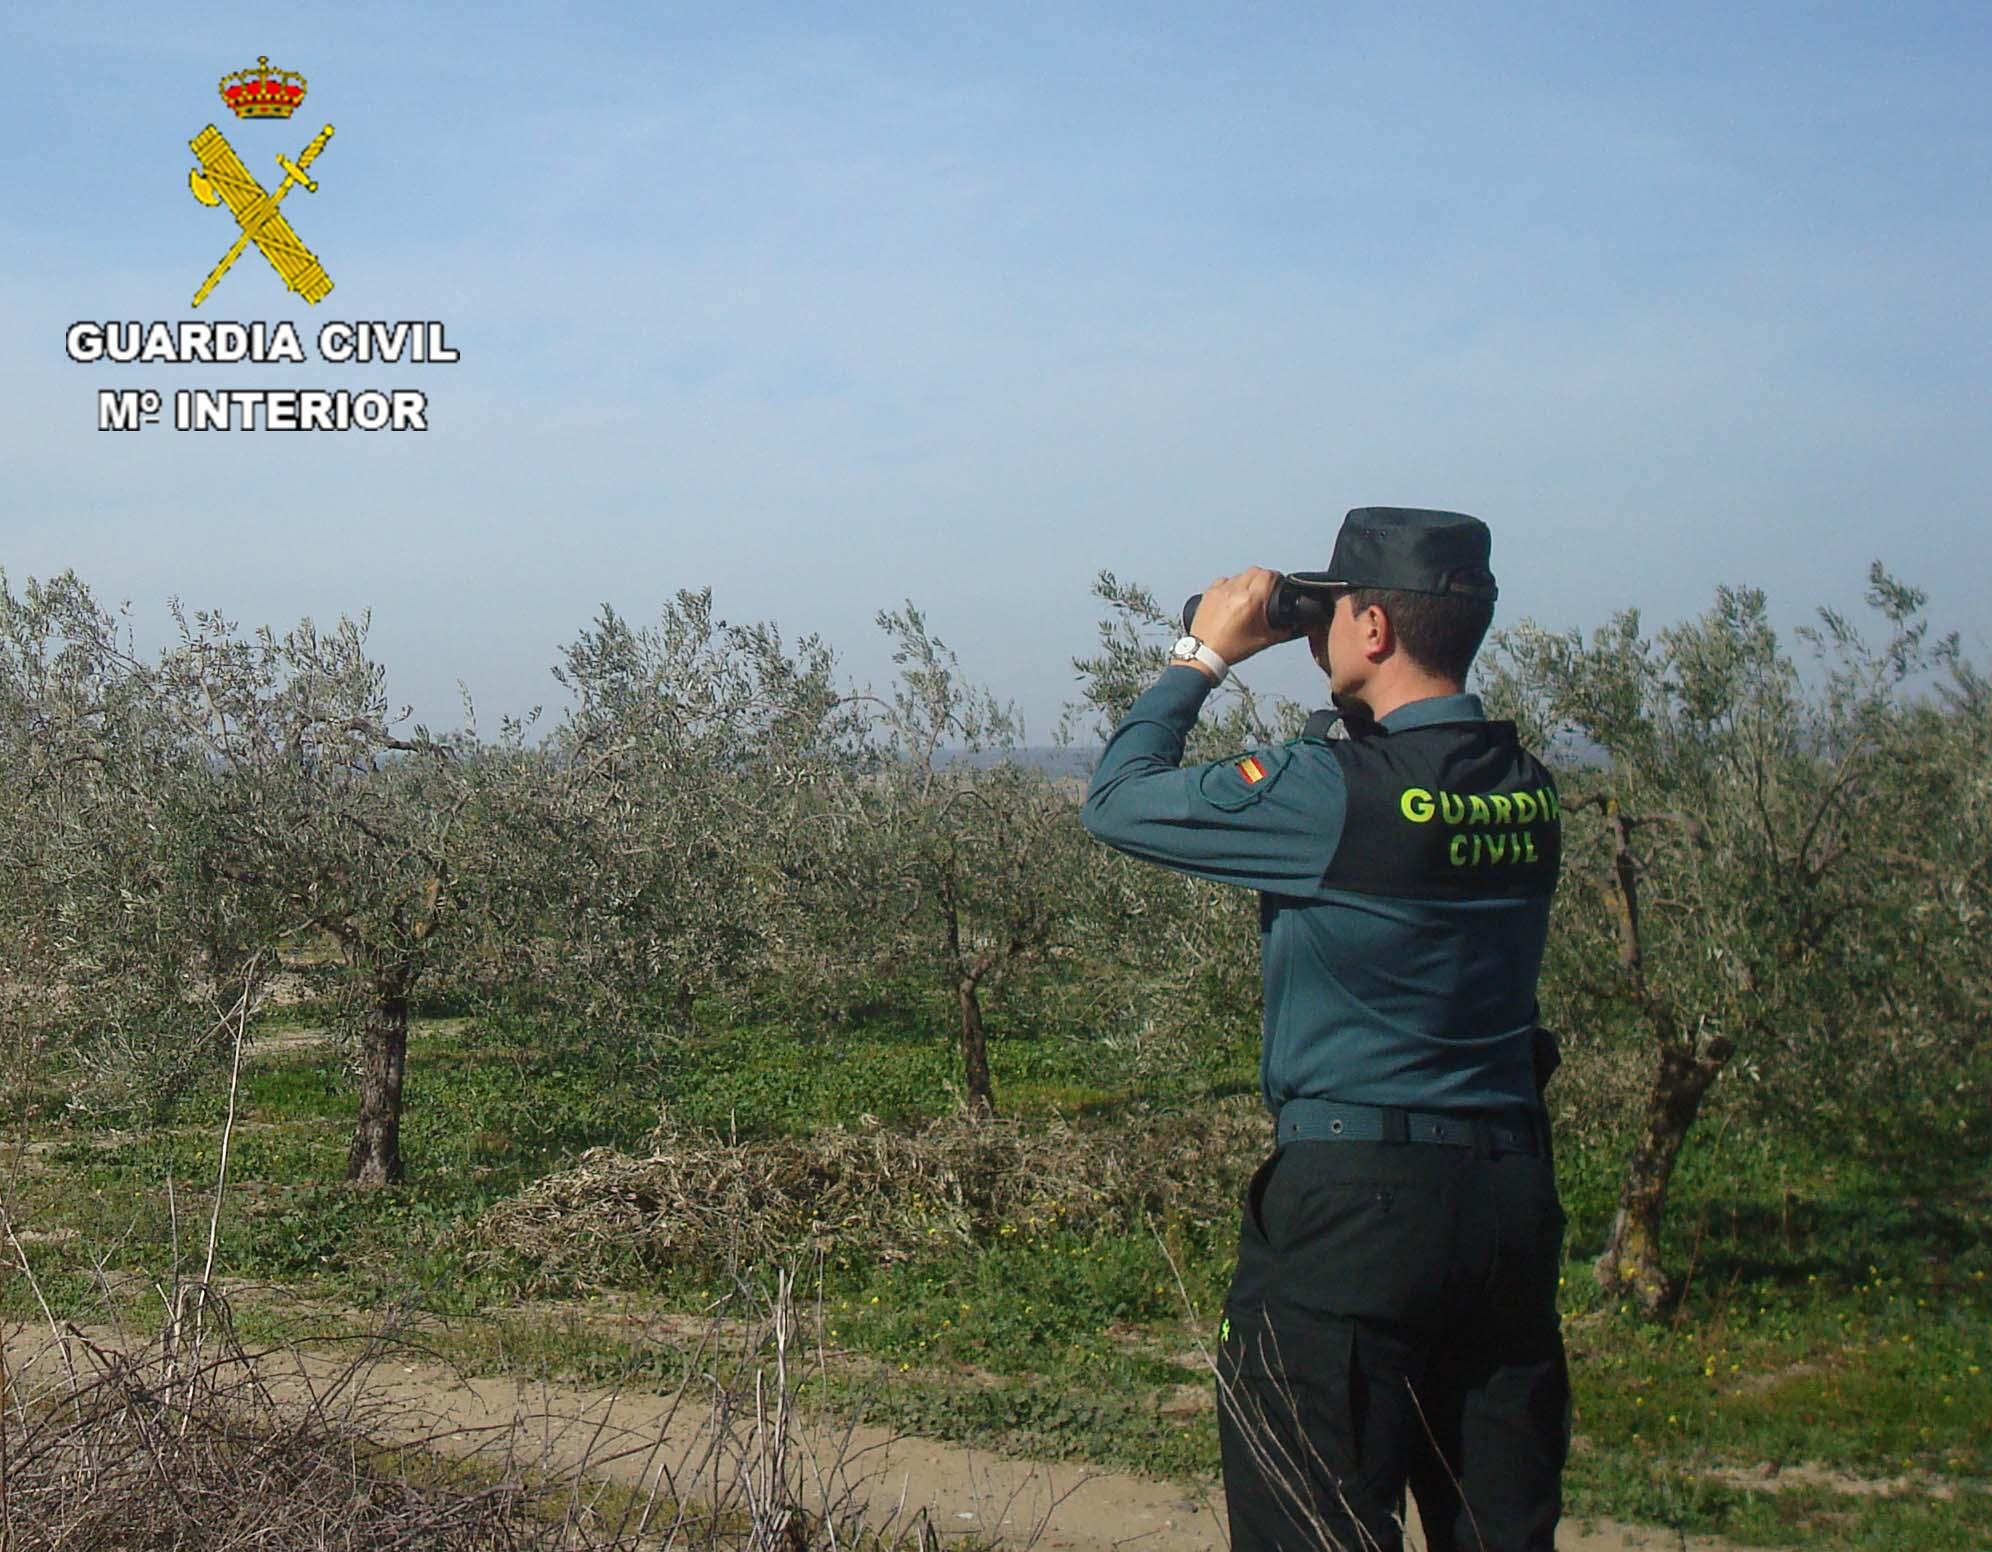 Un guardia vigila una finca agrícola